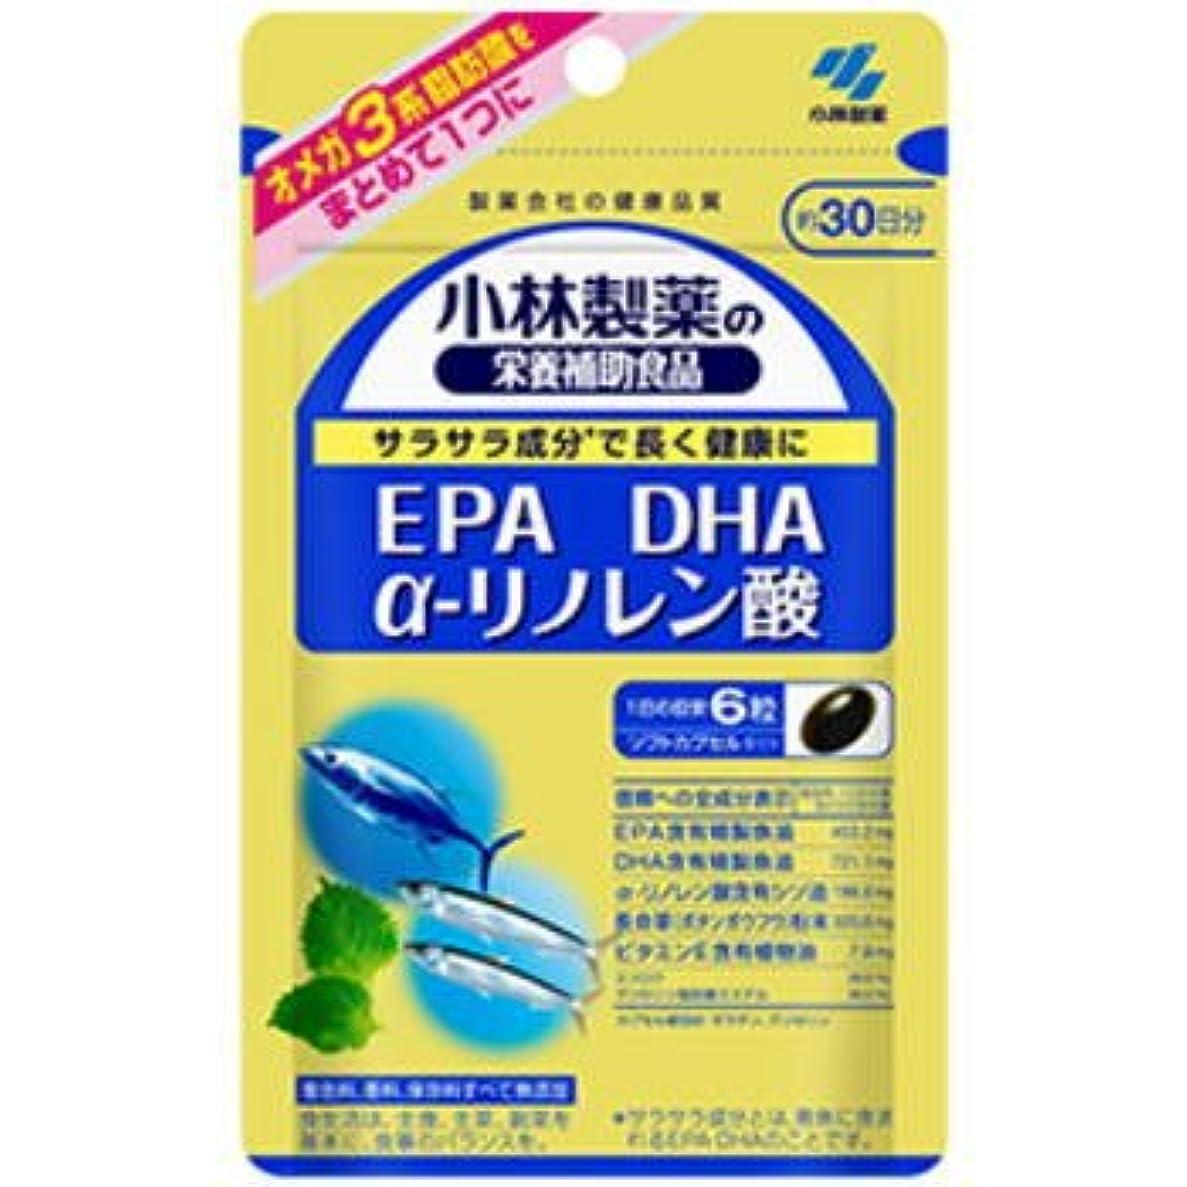 アンビエントシーサイドモニカ小林製薬 EPA DHA α-リノレン酸 180粒×6個セット【ネコポス発送】